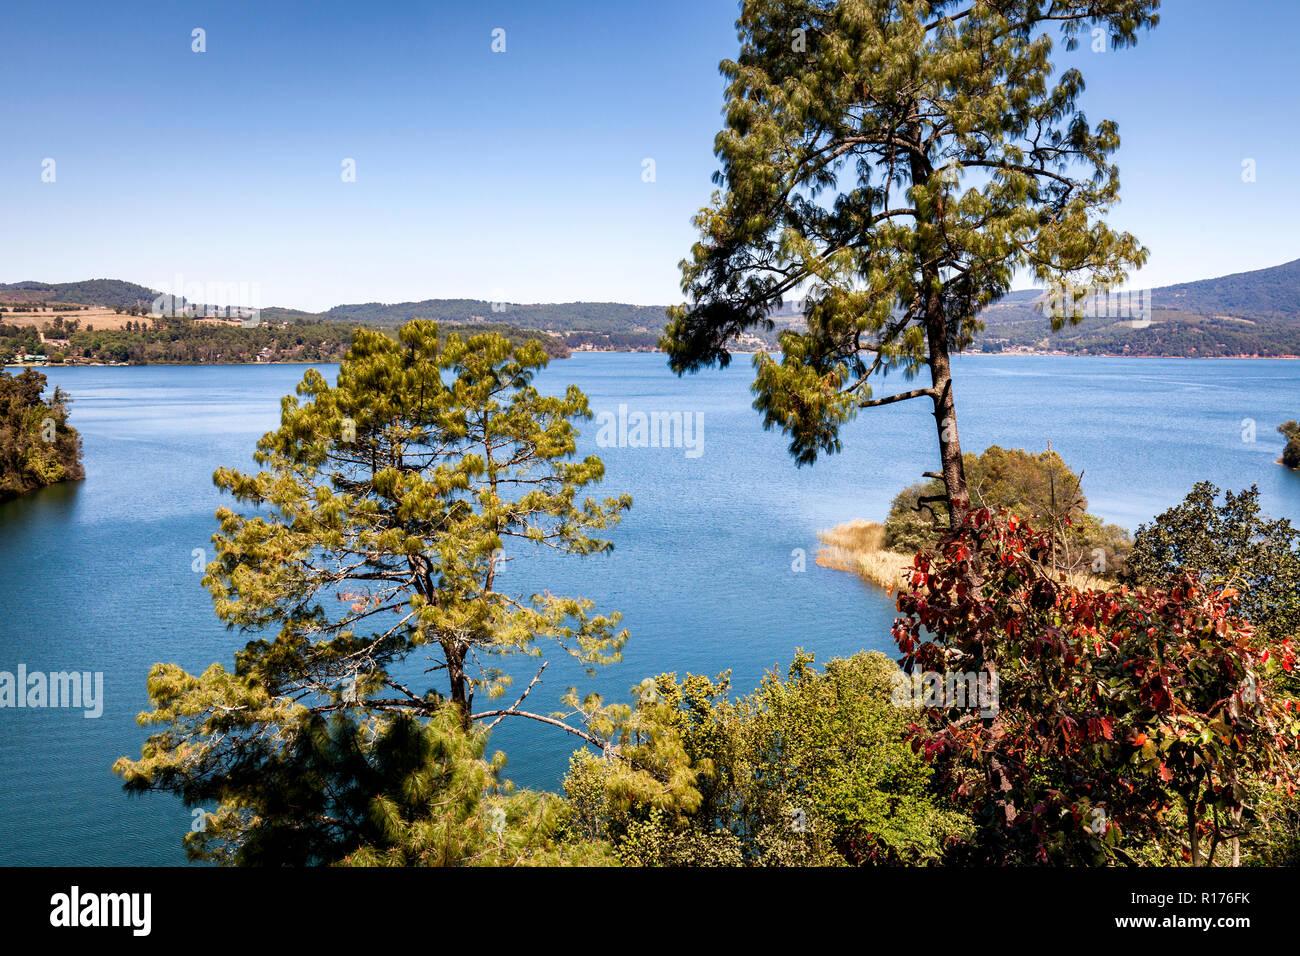 View of Lake Zirahuen in Michoacan, Mexico. - Stock Image